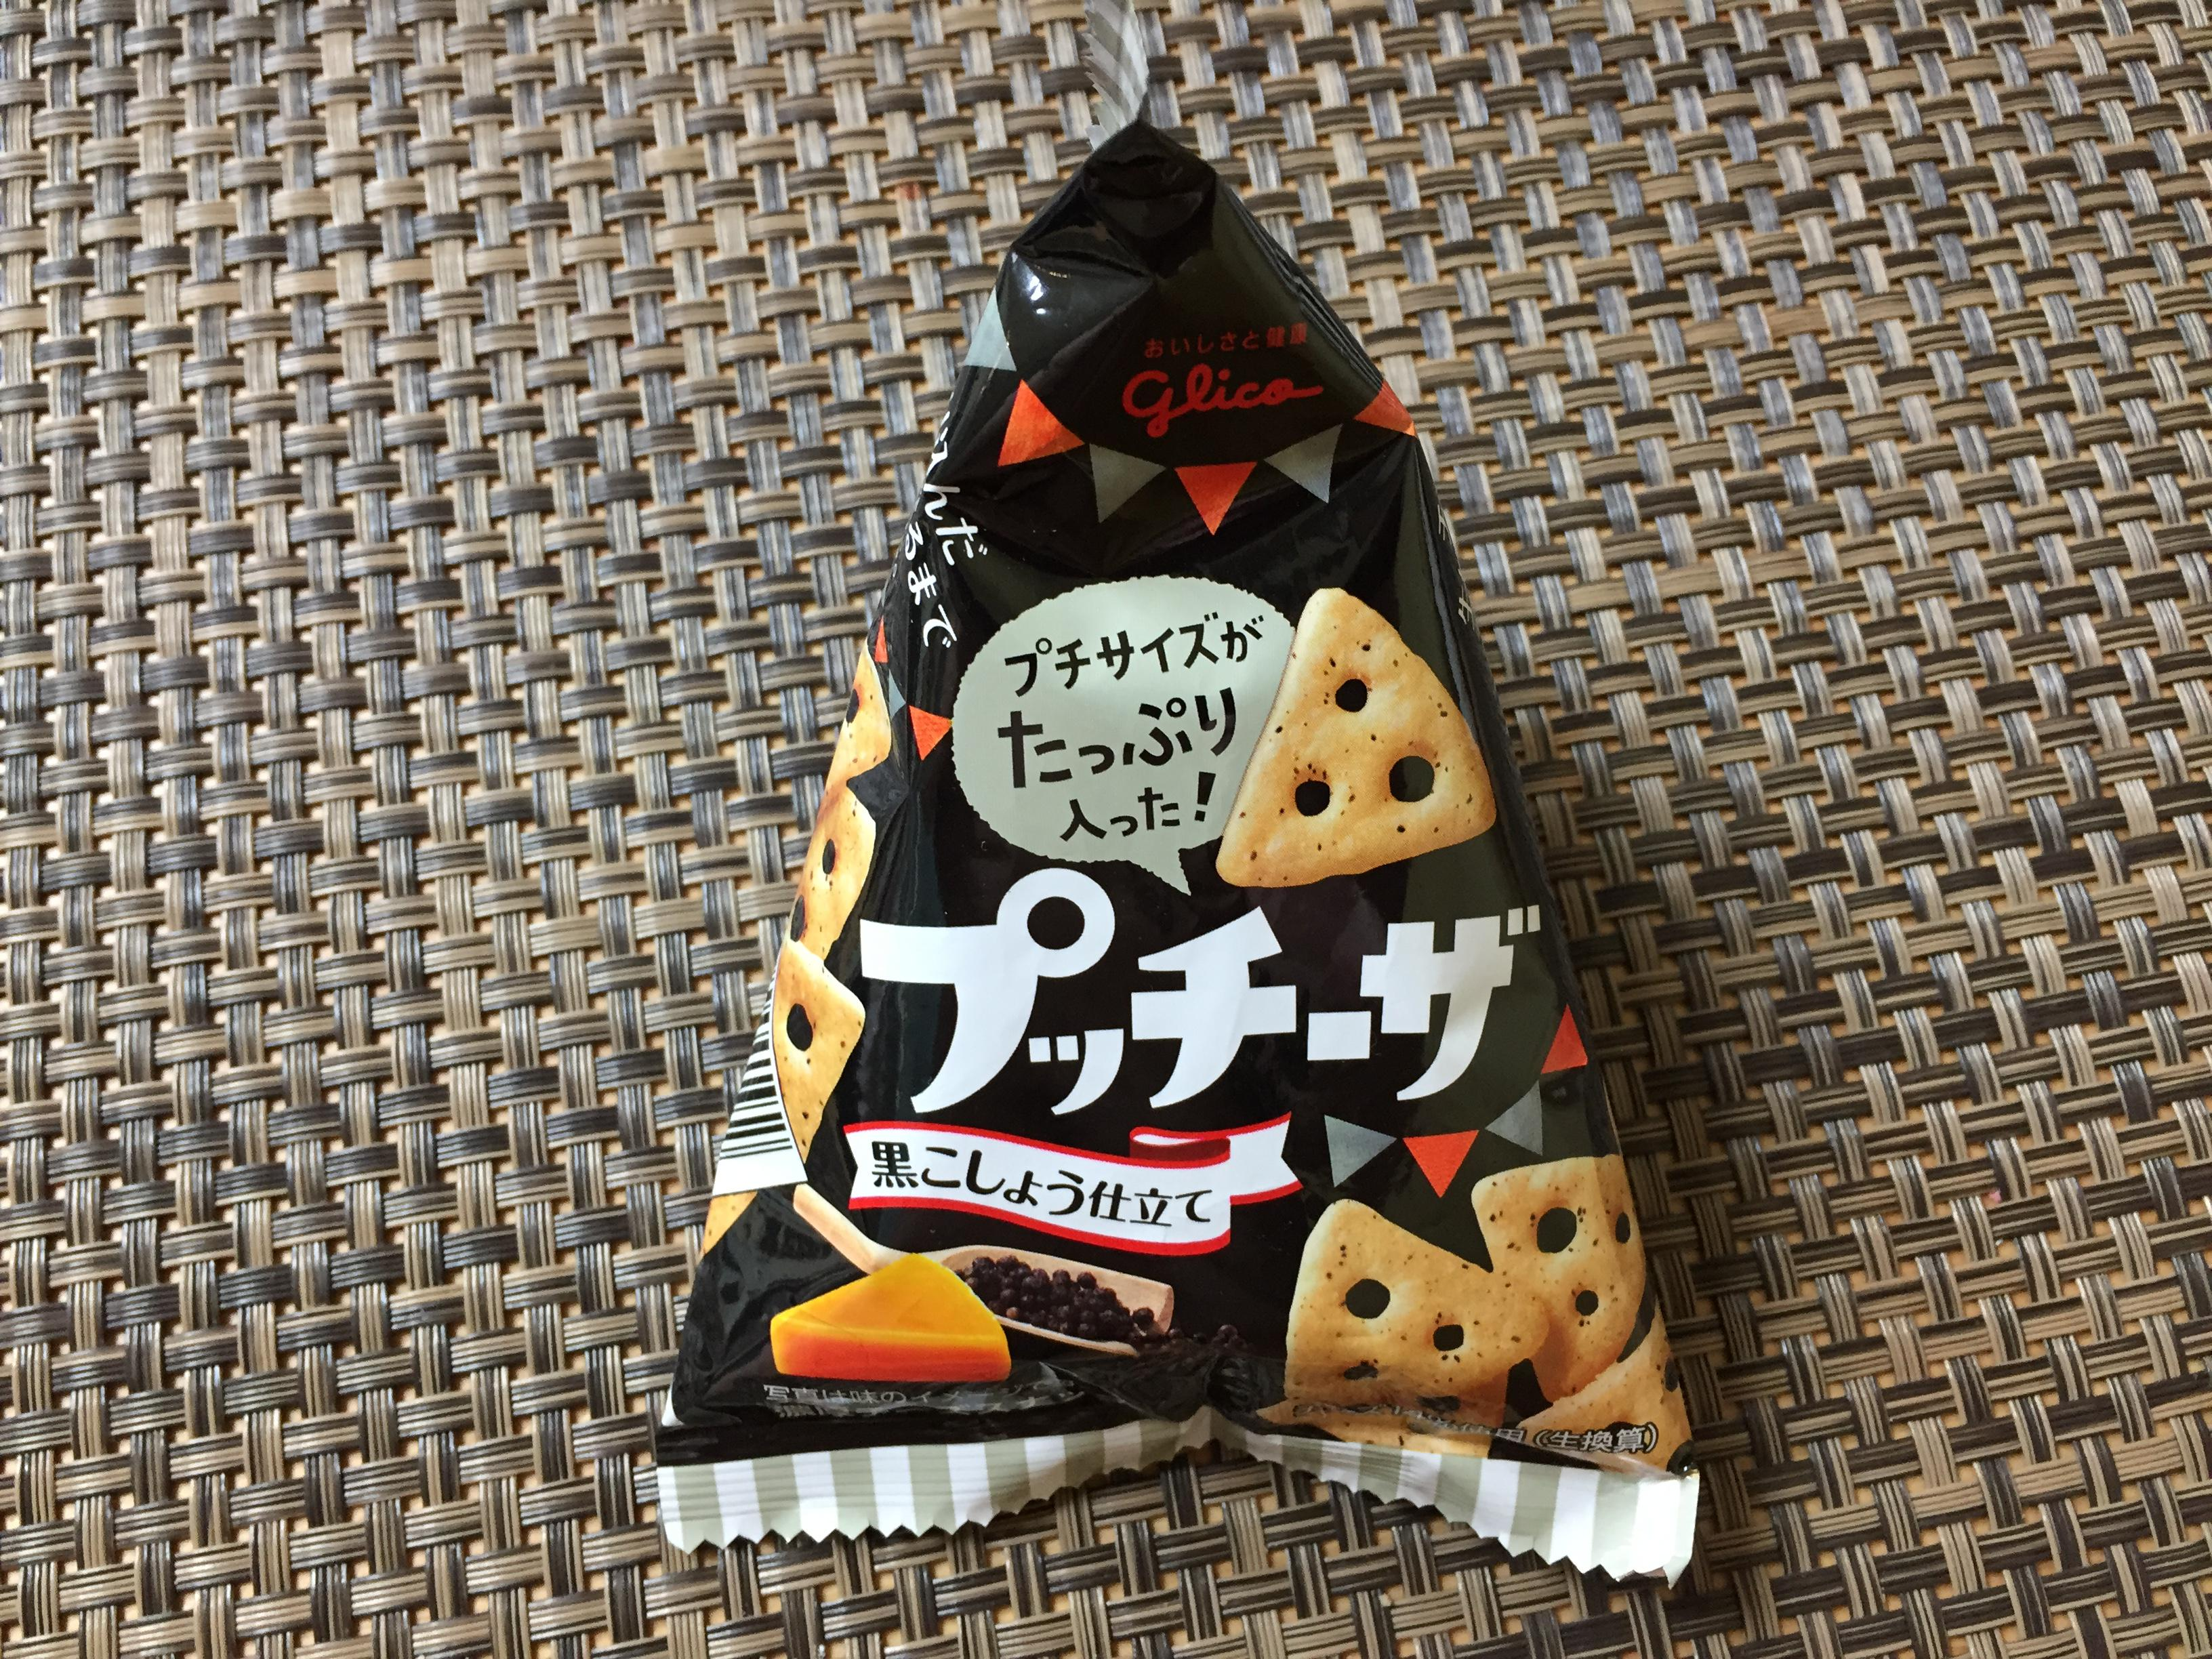 치-자는 작아져도 맛있어! :3 [glico]プッチー..